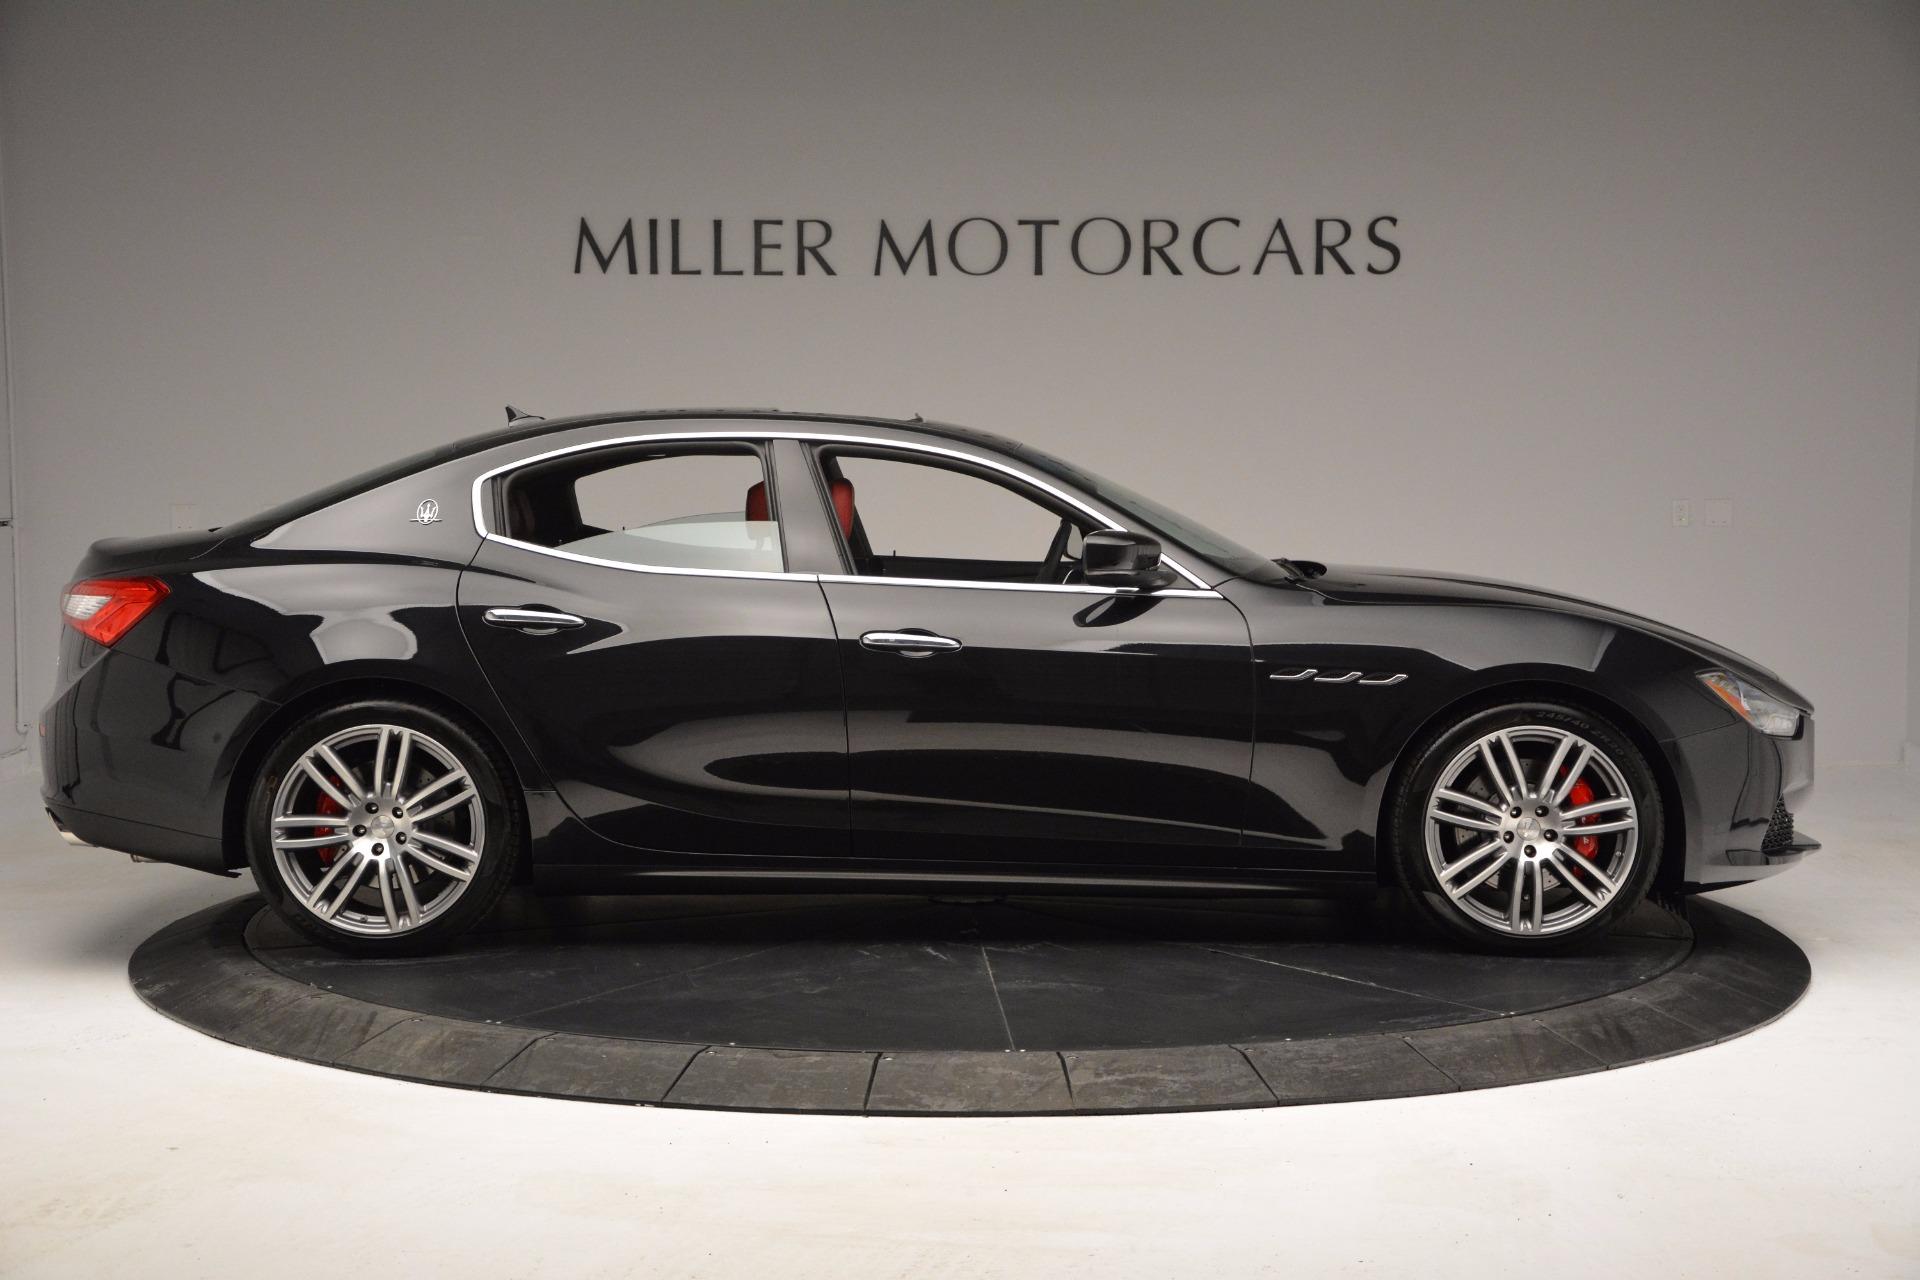 New 2017 Maserati Ghibli SQ4 For Sale In Greenwich, CT 1086_p10